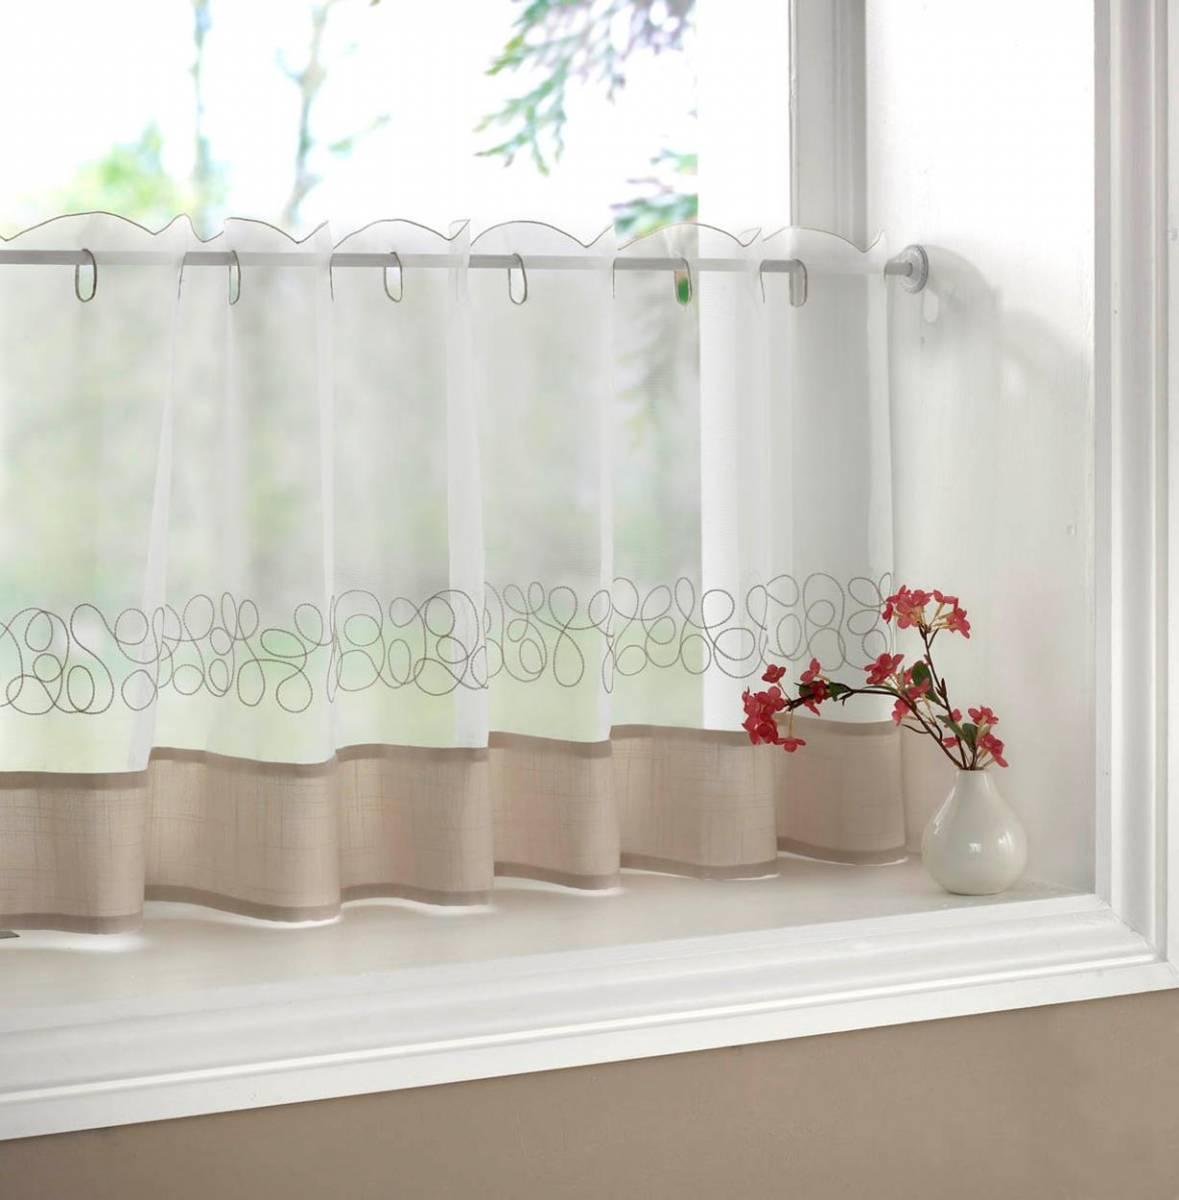 Deco beige kitchen textile range net curtain 2 curtains - Deco romantische kamer beige ...